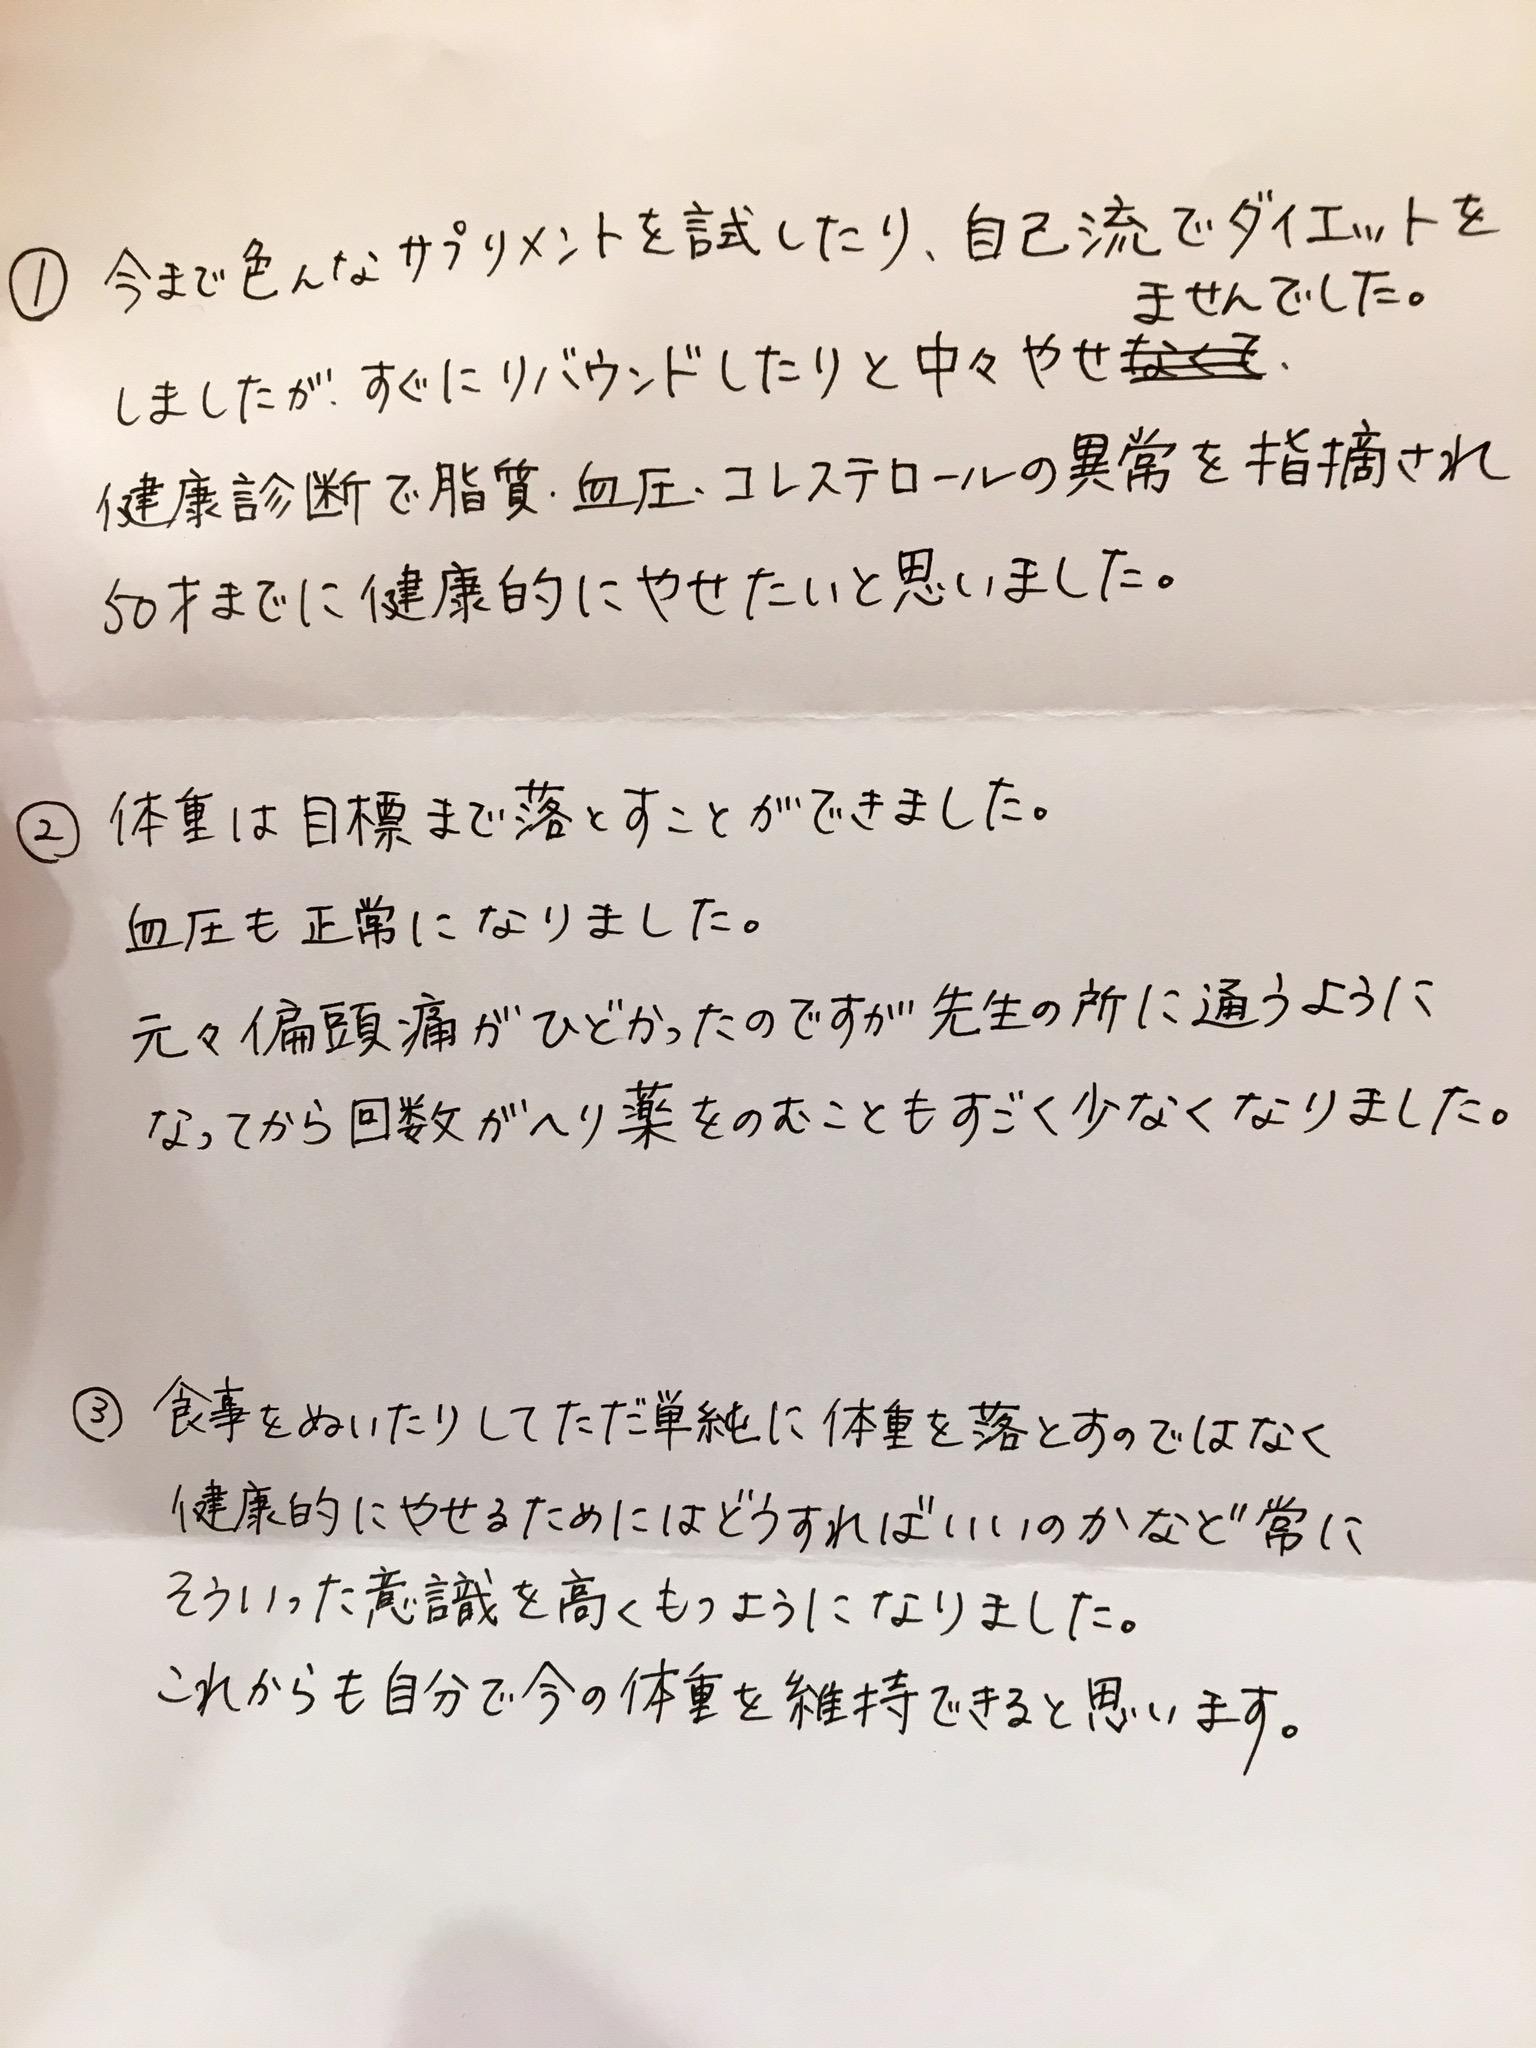 [皆様の声]大阪府松原市Nさん(40代)耳鍼痩身法で12kgダイエット。血圧が正常に。頭痛薬を飲む事が凄く少なくなりました。